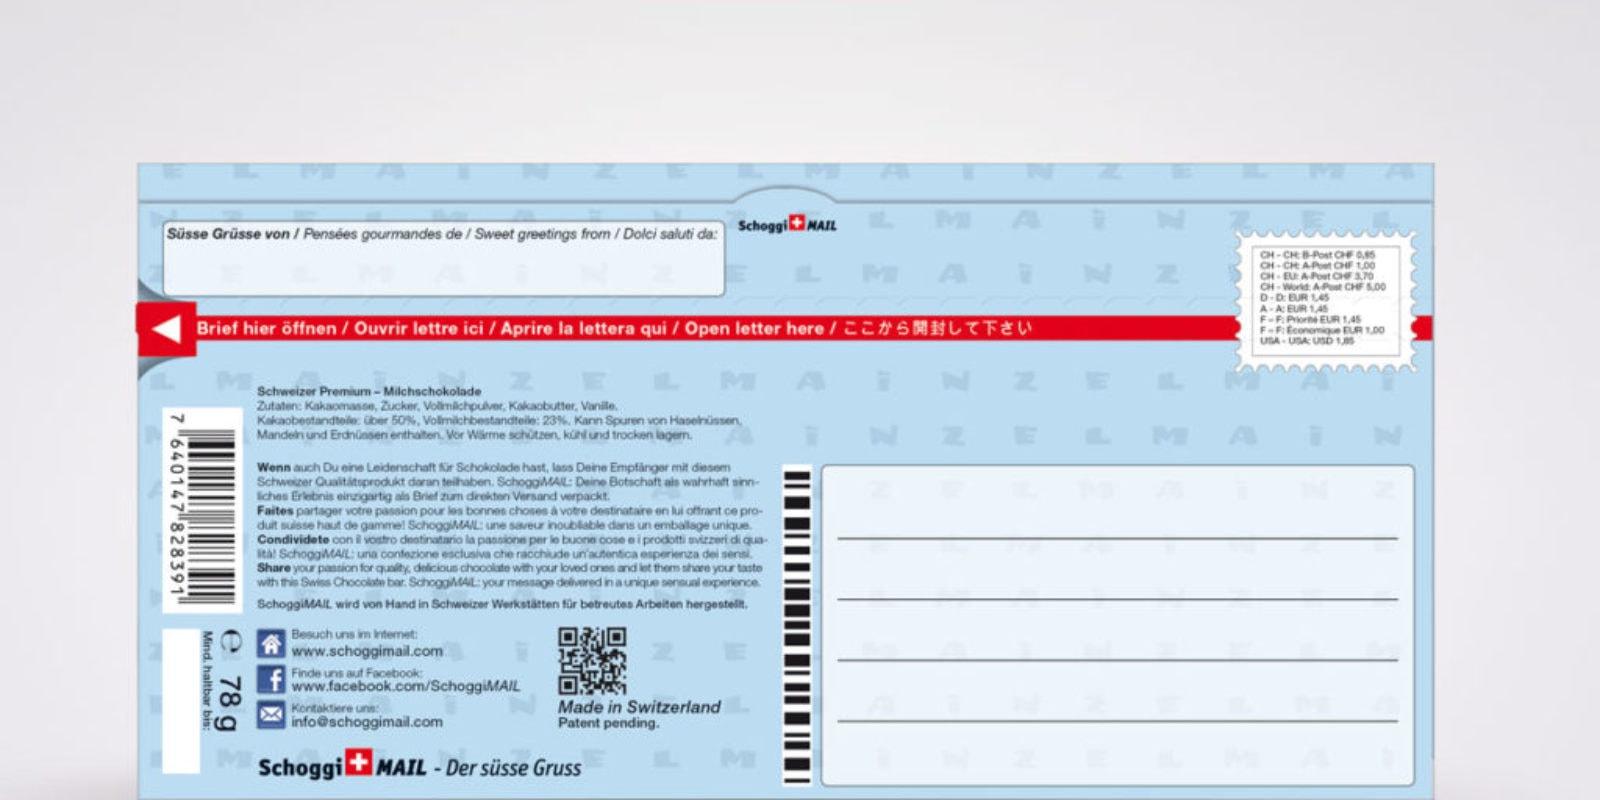 1137839-MM-das-wird-schon_back